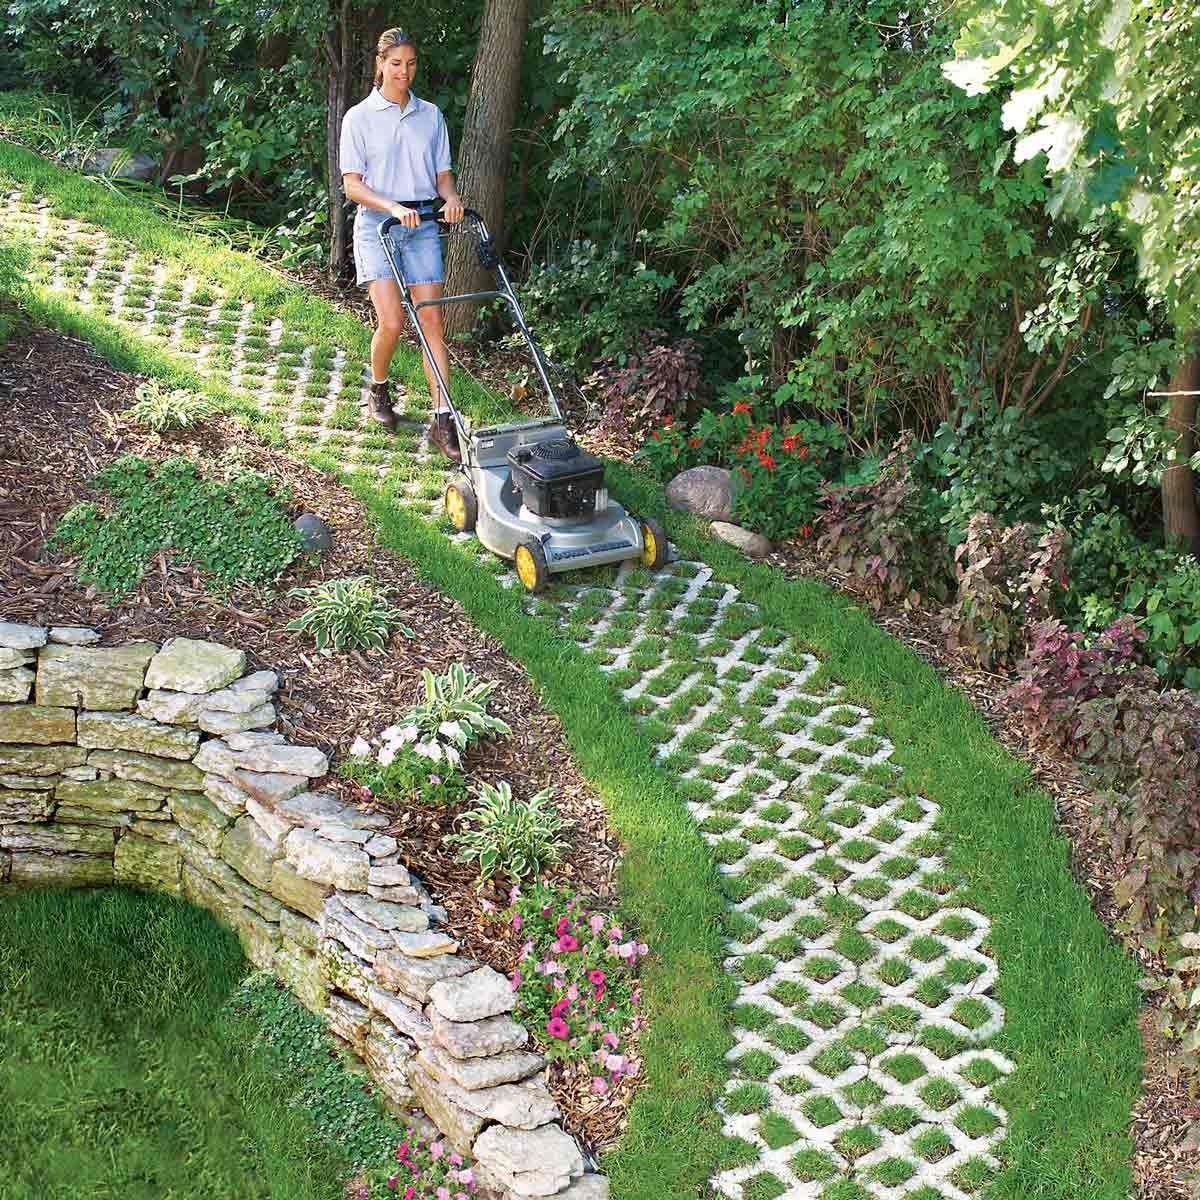 paver path grows